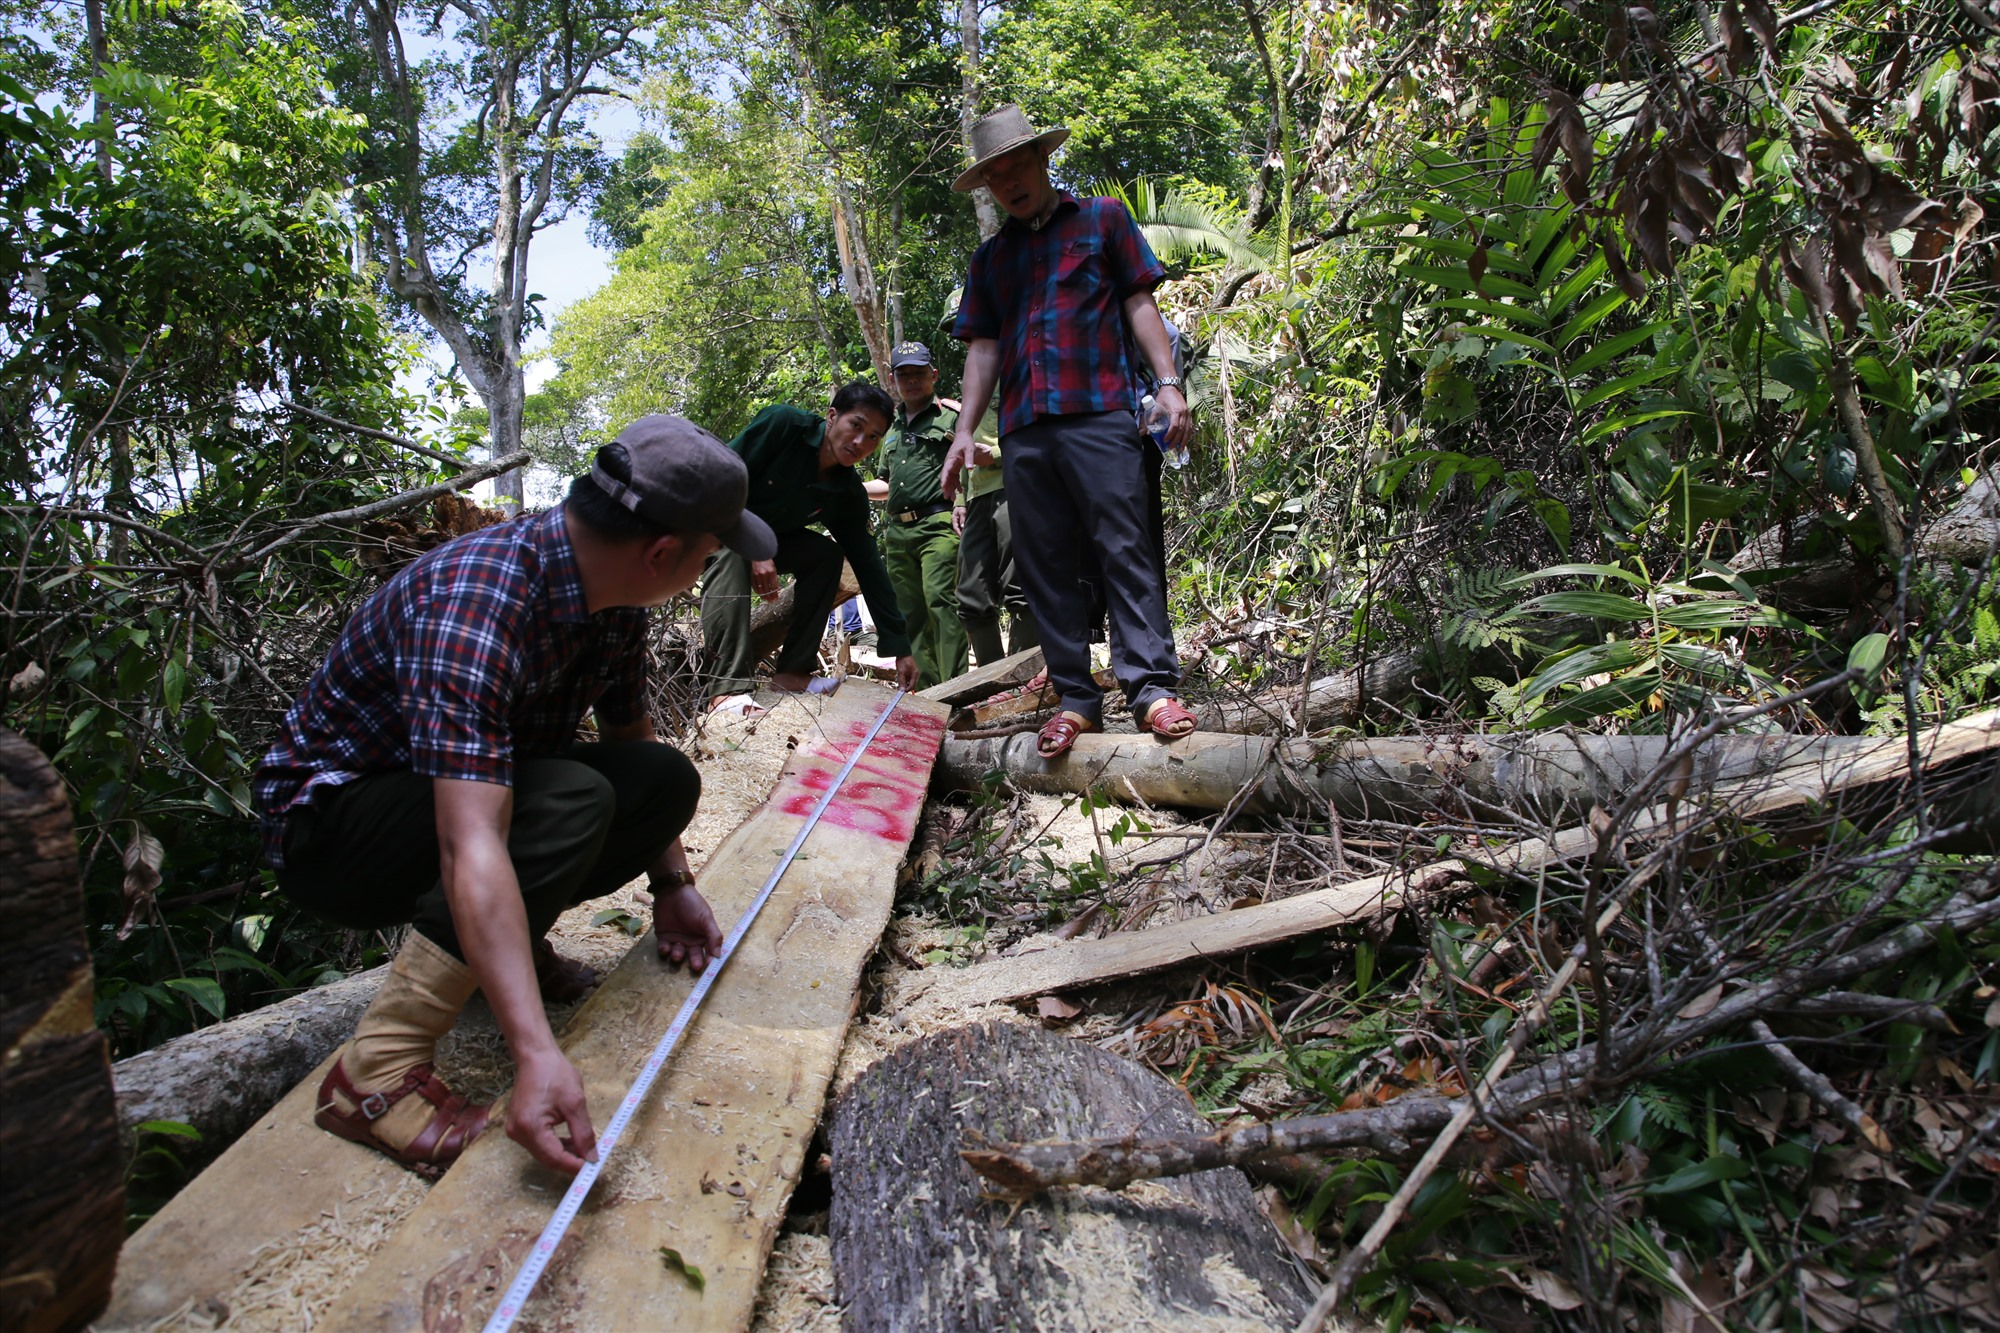 Một cây gỗ lớn đã bị xẻ, lấy đi phần lõi. Ảnh: T.C